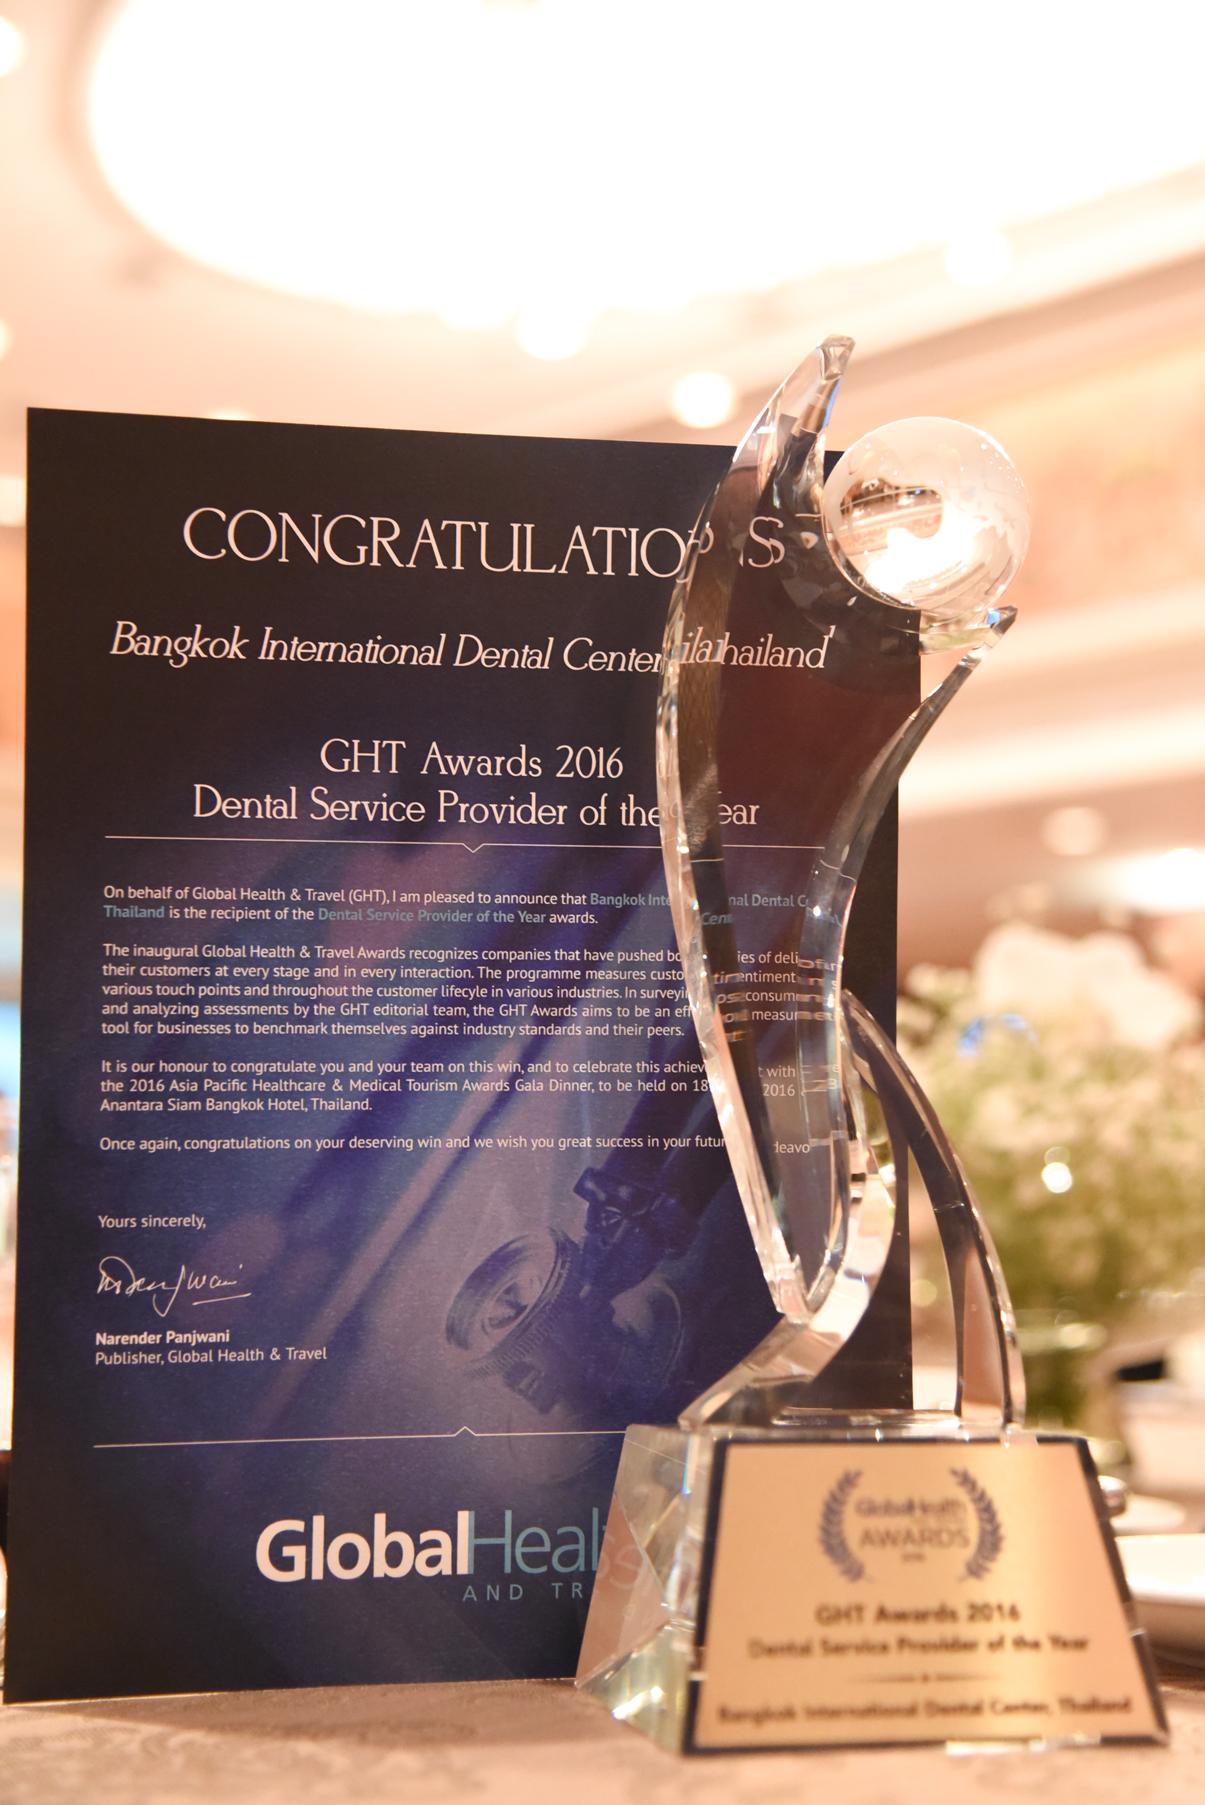 GHT Awards